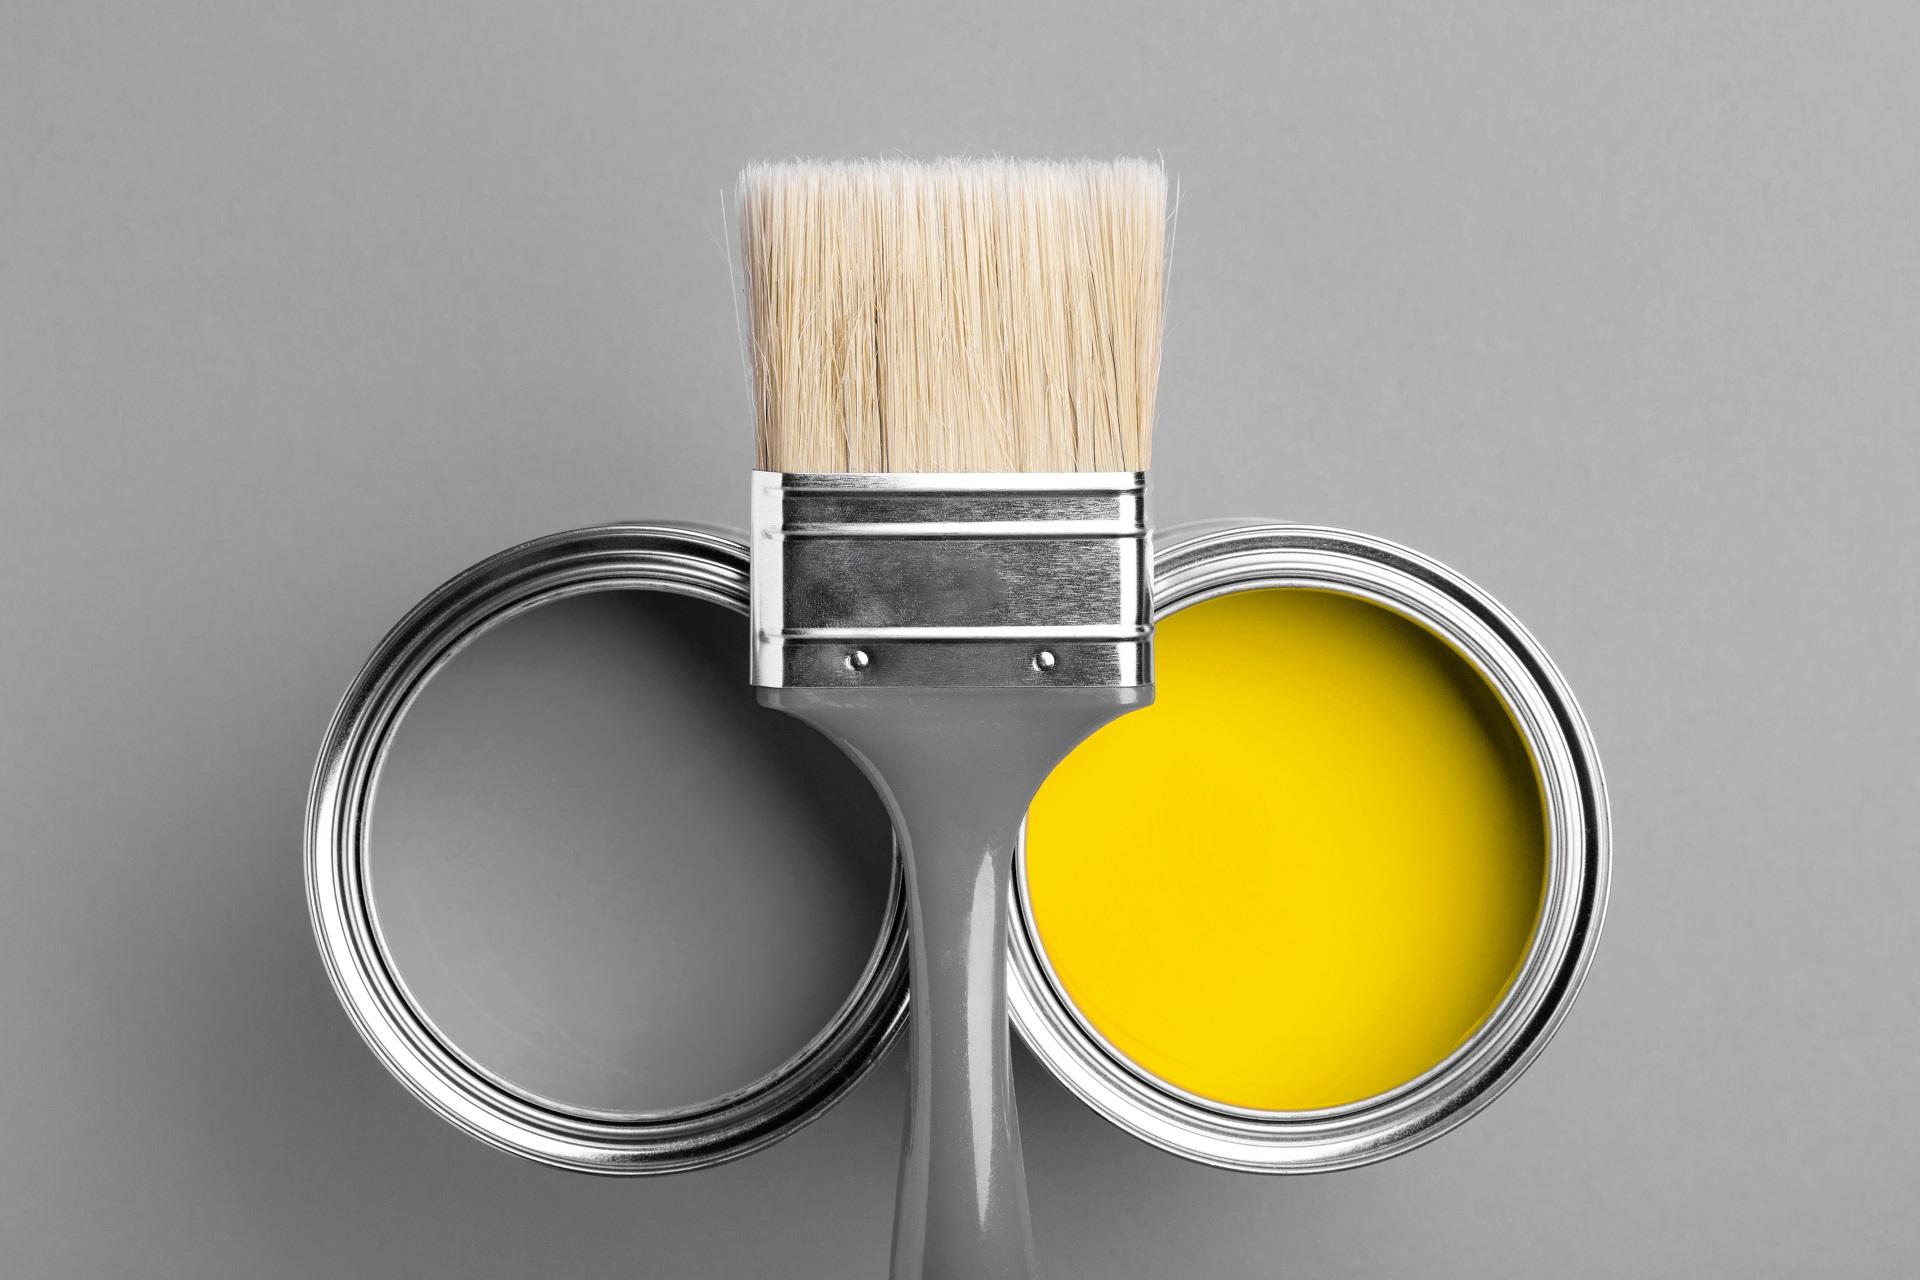 szary i żółty - kolory roku 2021 we wnętrzu